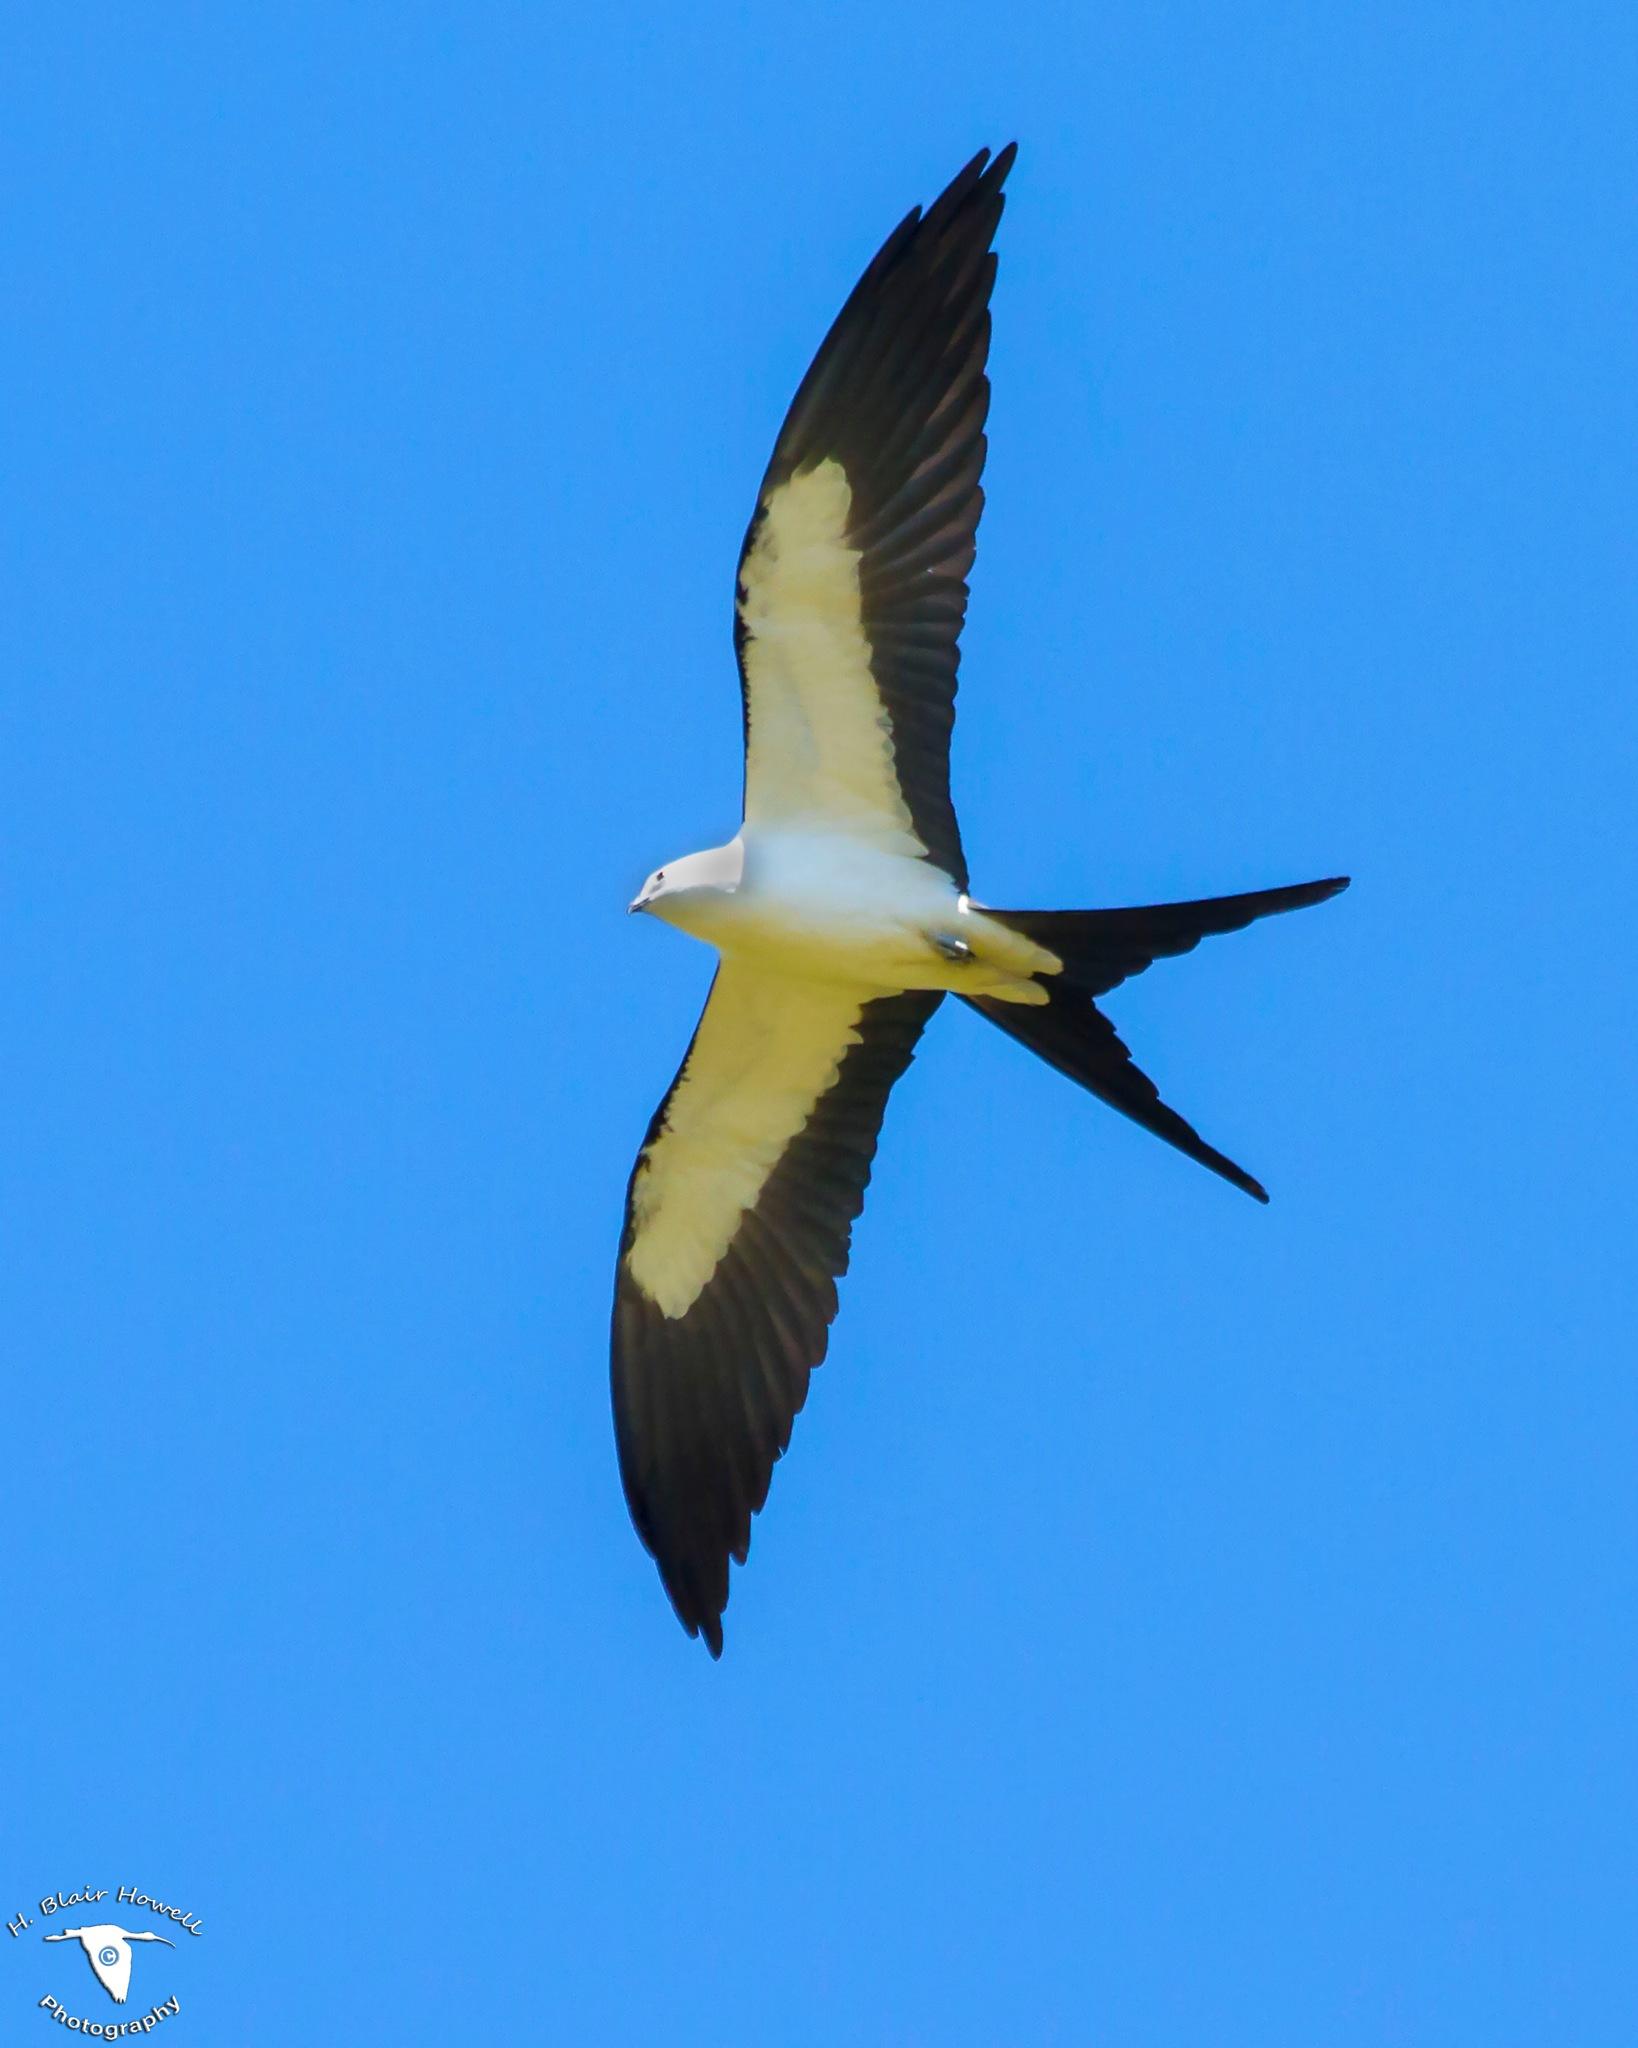 Swallow-Tailed Kite (Elanoides forficatus) by HBlairHowell